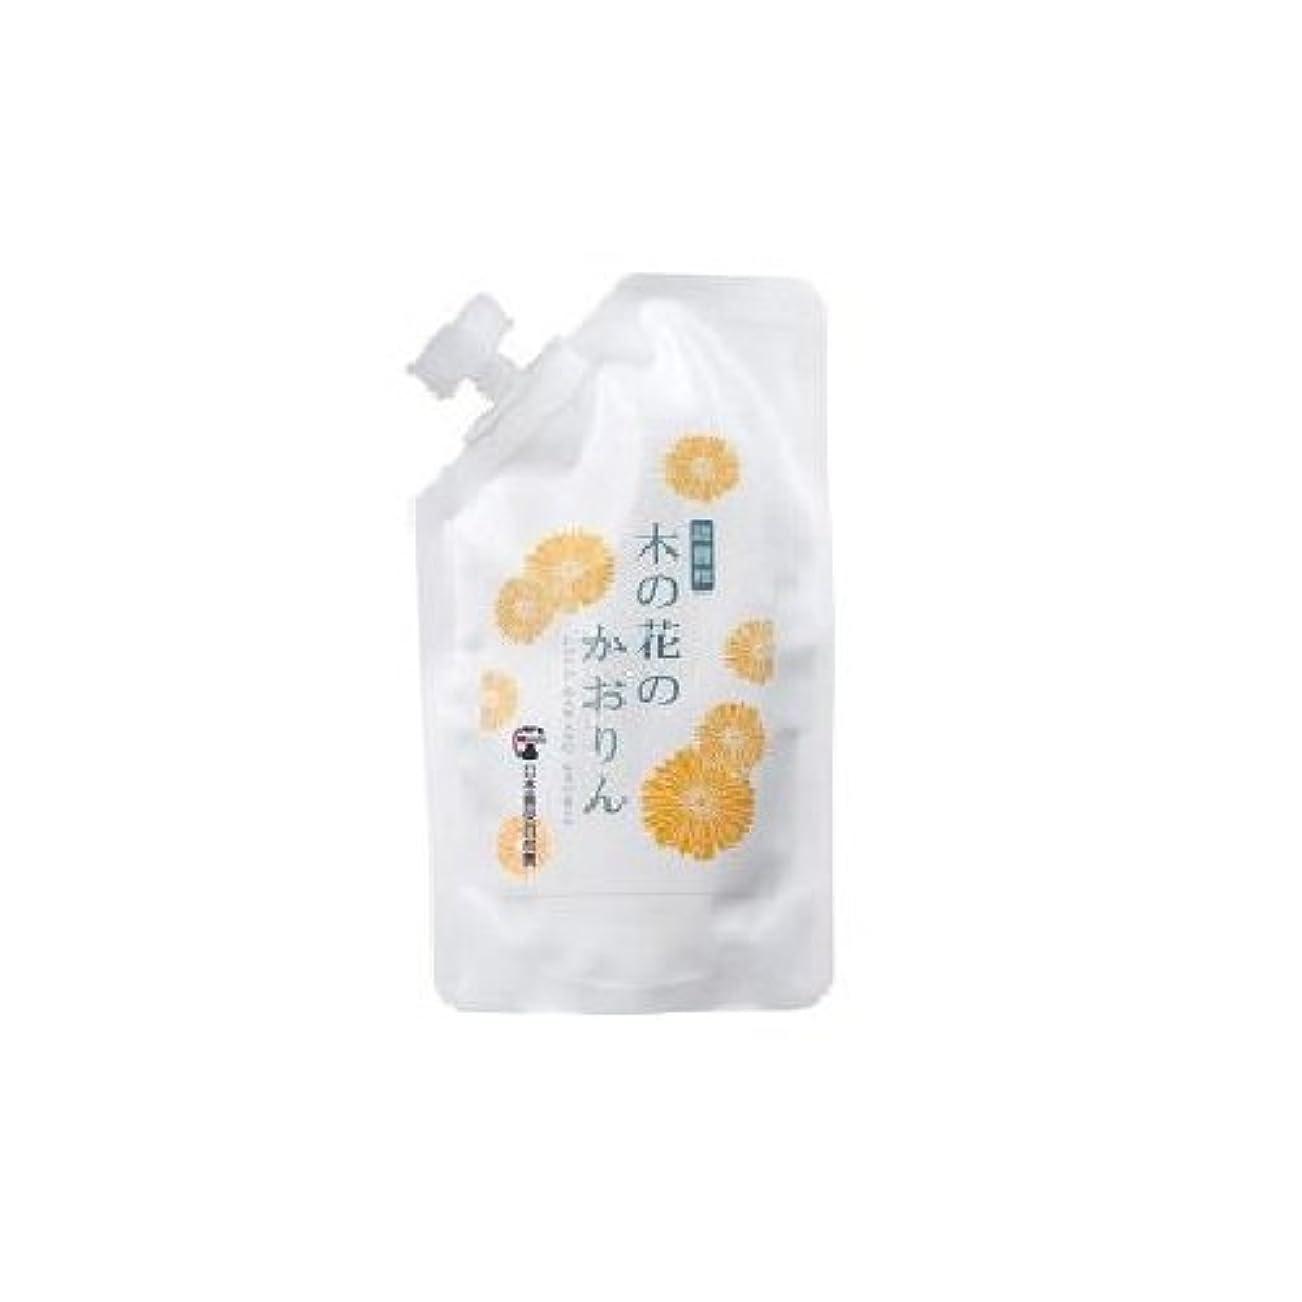 同志あごこどもの宮殿日本豊受自然農 木の花のかおりん(デオドラント)詰替用 100ml